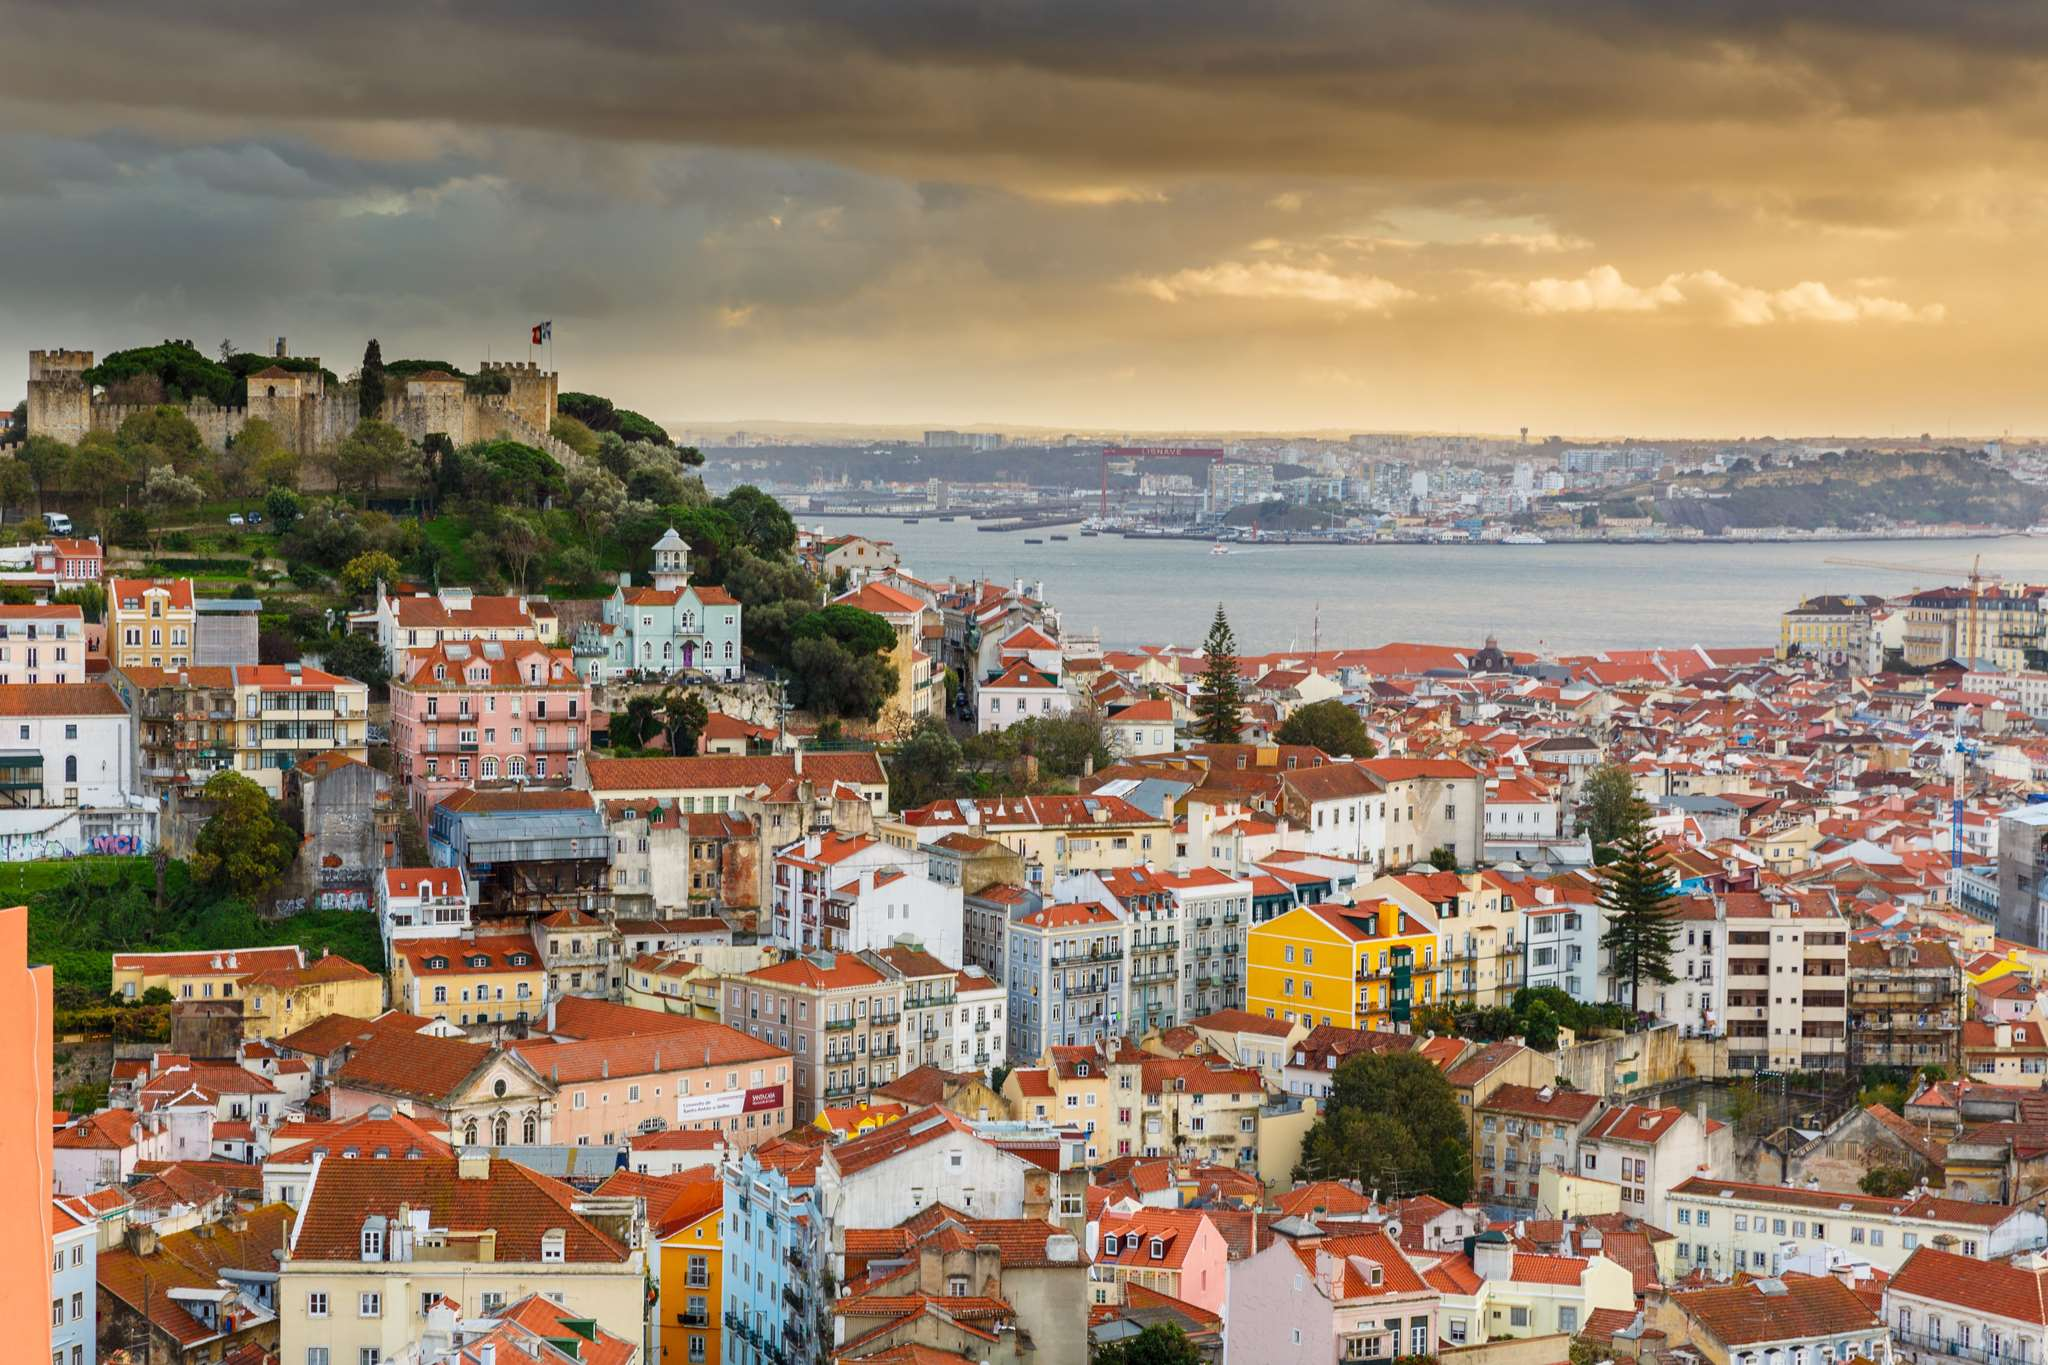 Σύμβαση Πρακτορείου και Ασφαλιστήριο Συμβόλαιο για Λισαβόνα